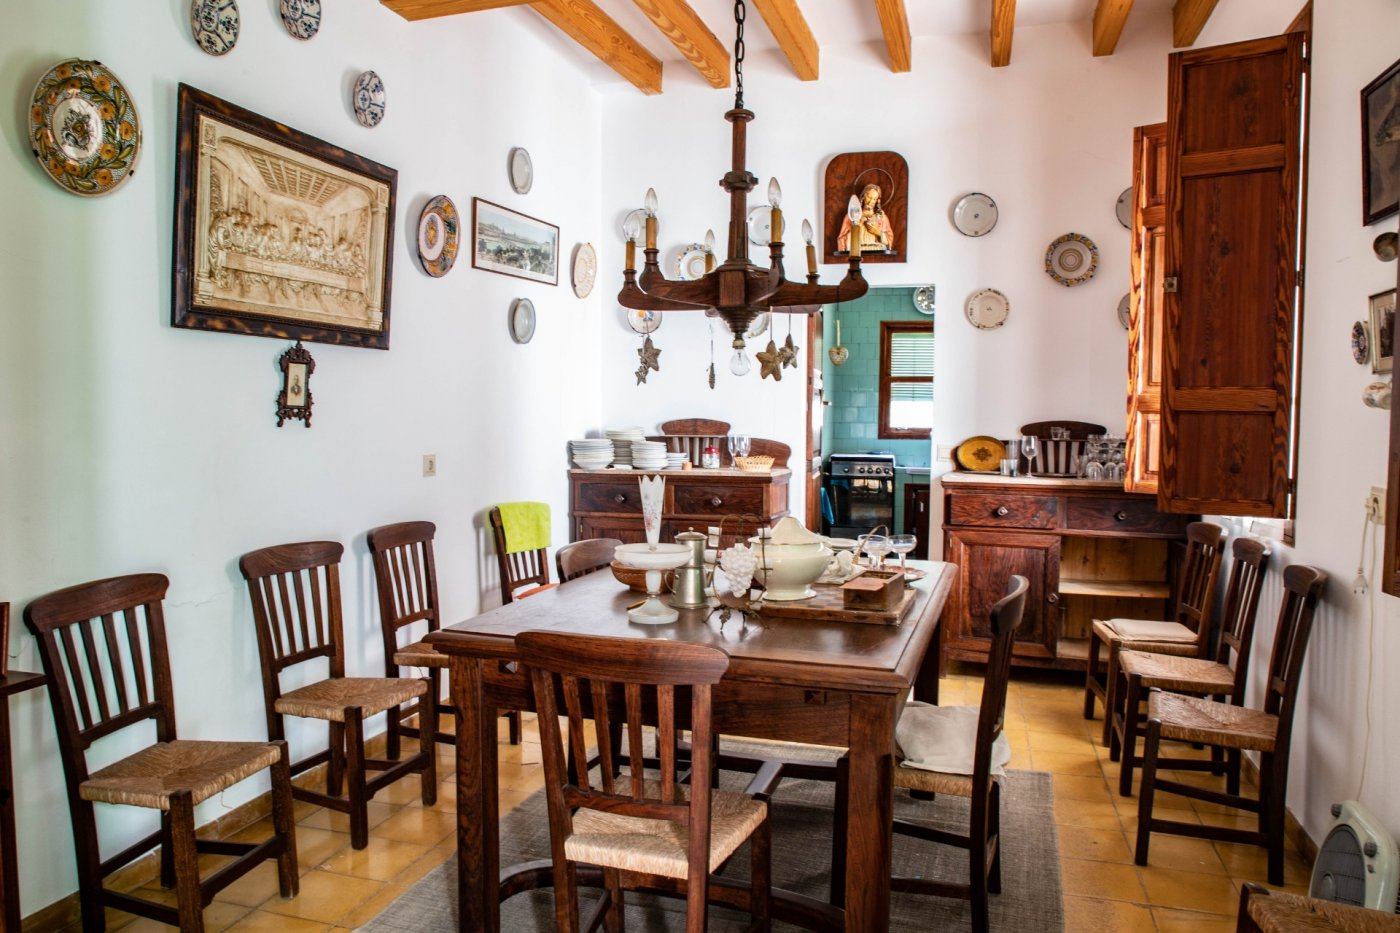 En venta excelente casa en el centro de pollensa - imagenInmueble4